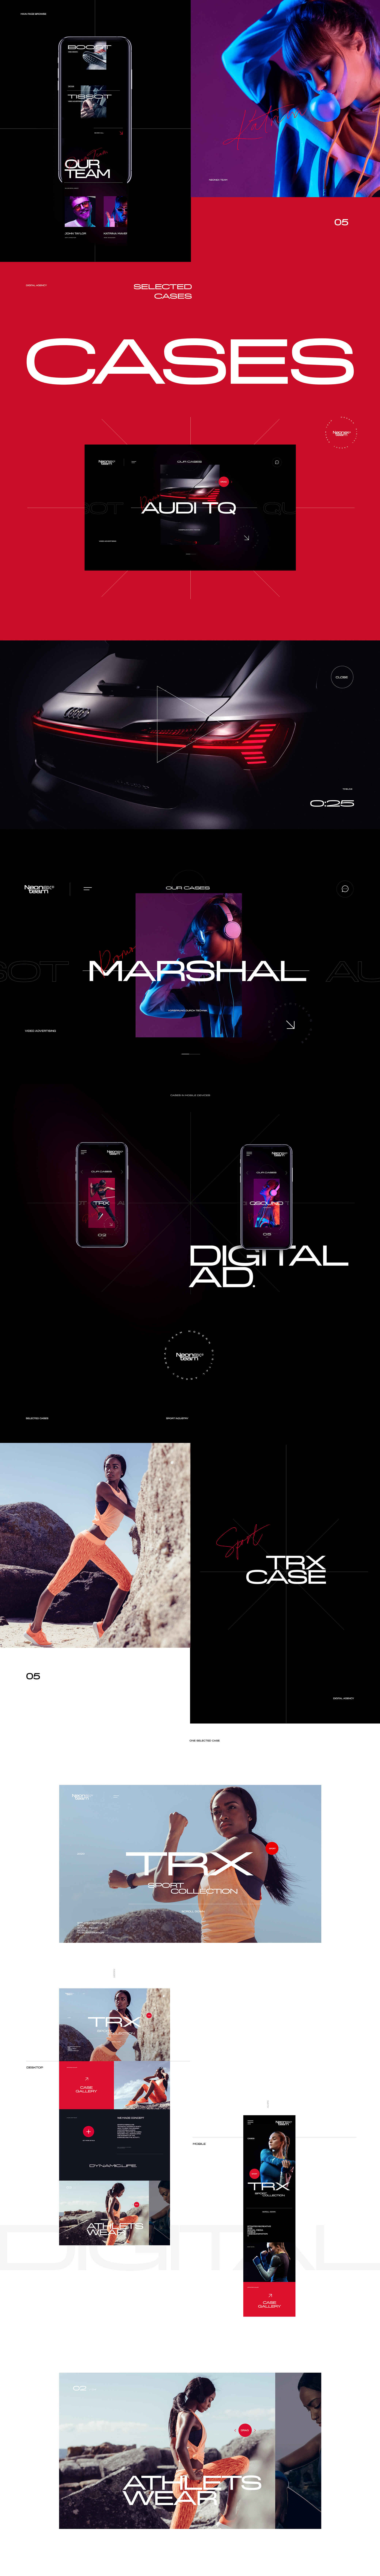 Digital Agencye